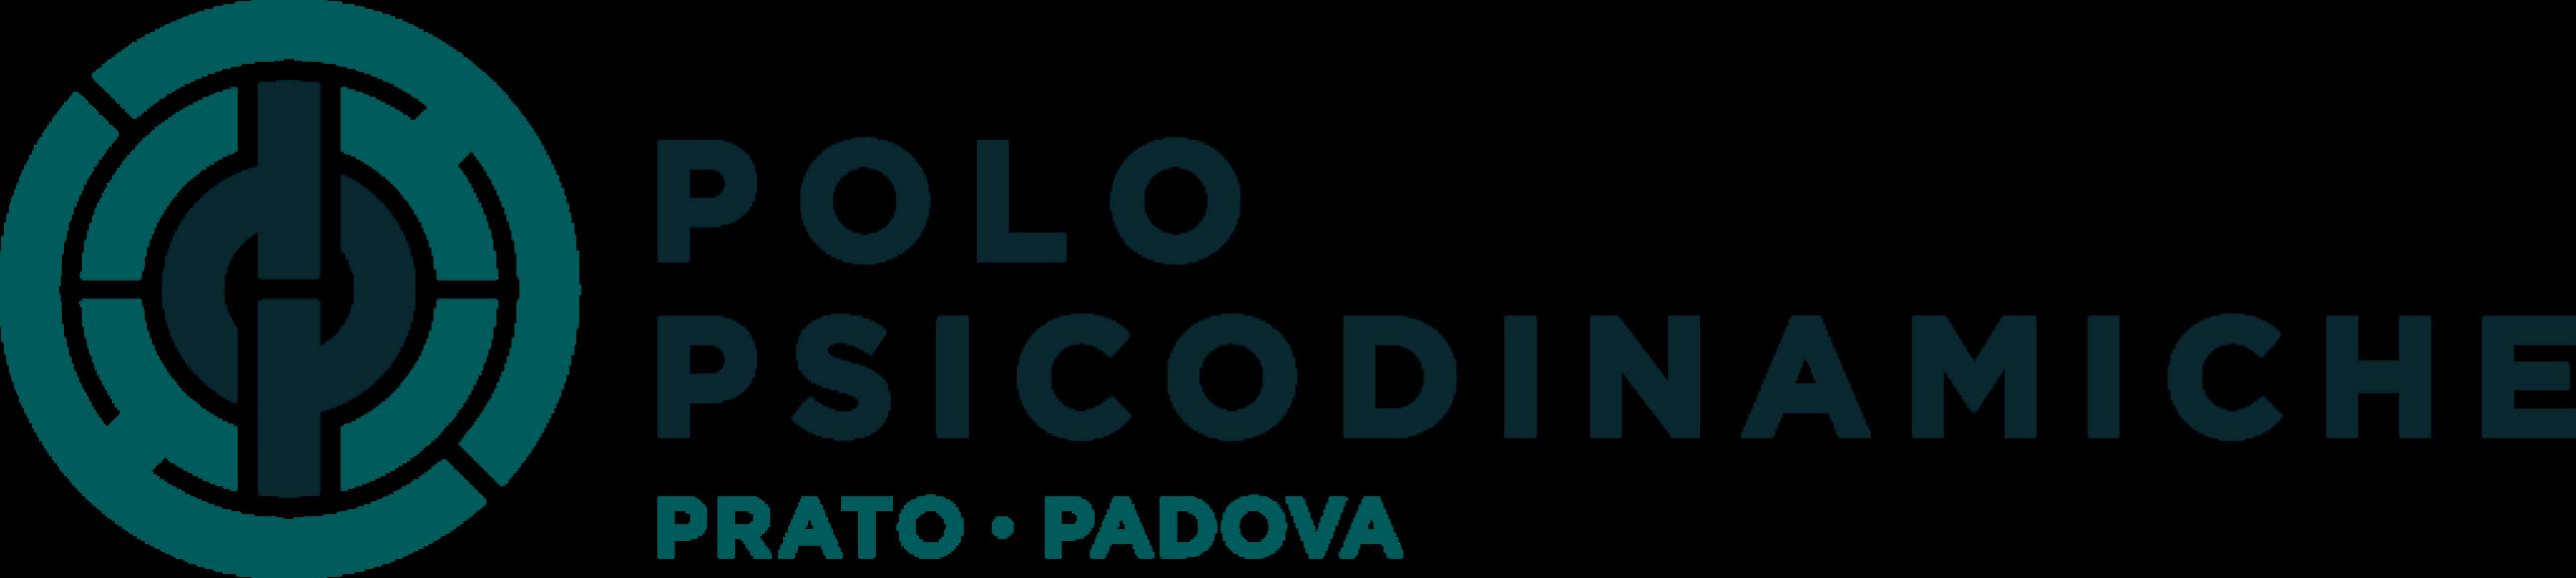 Polo Psicodinamiche - Prato - Padova